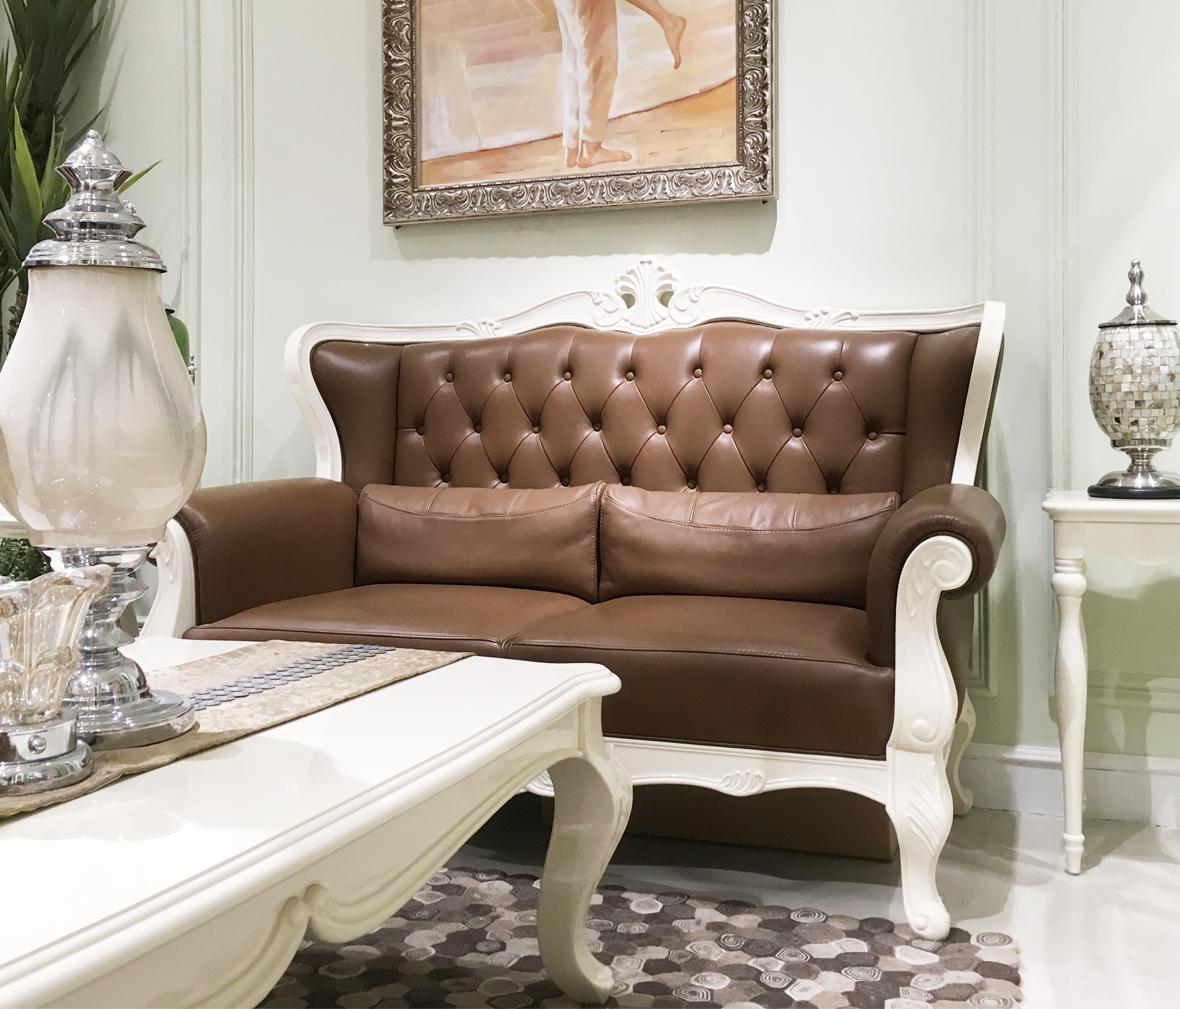 长实北欧 103sw型号双位沙发 欧式风格进口榉木材质实木沙发